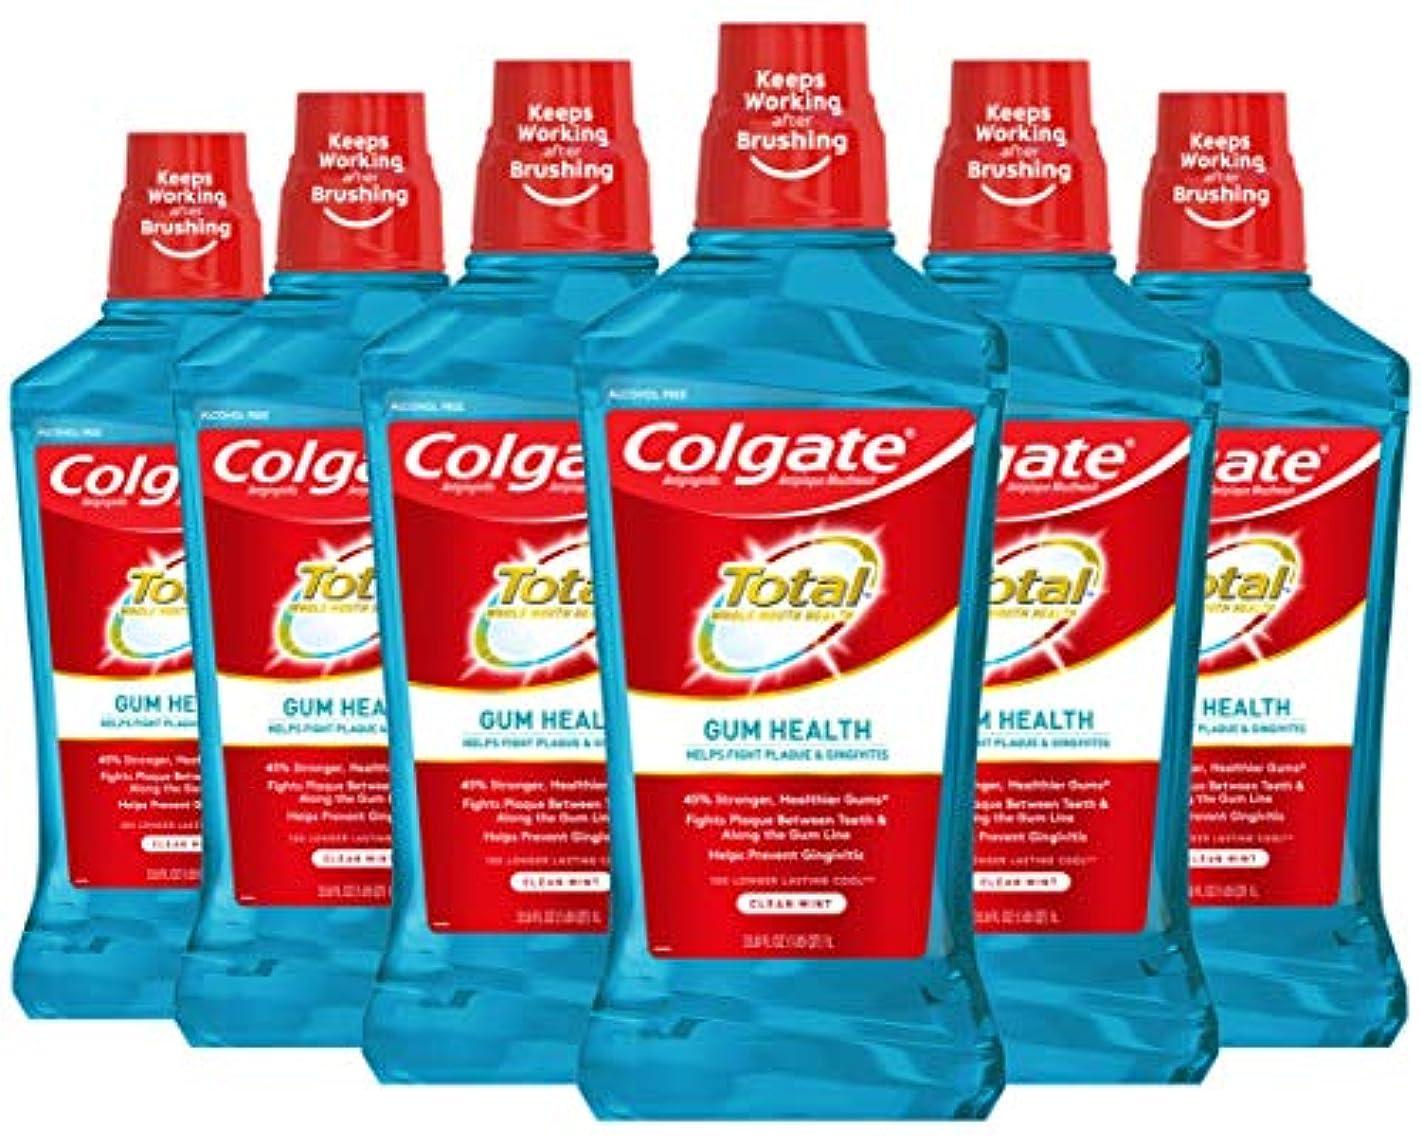 導入する議題観客Colgate 1L(6パック) - ガム健康うがい薬、クリーンミントの合計